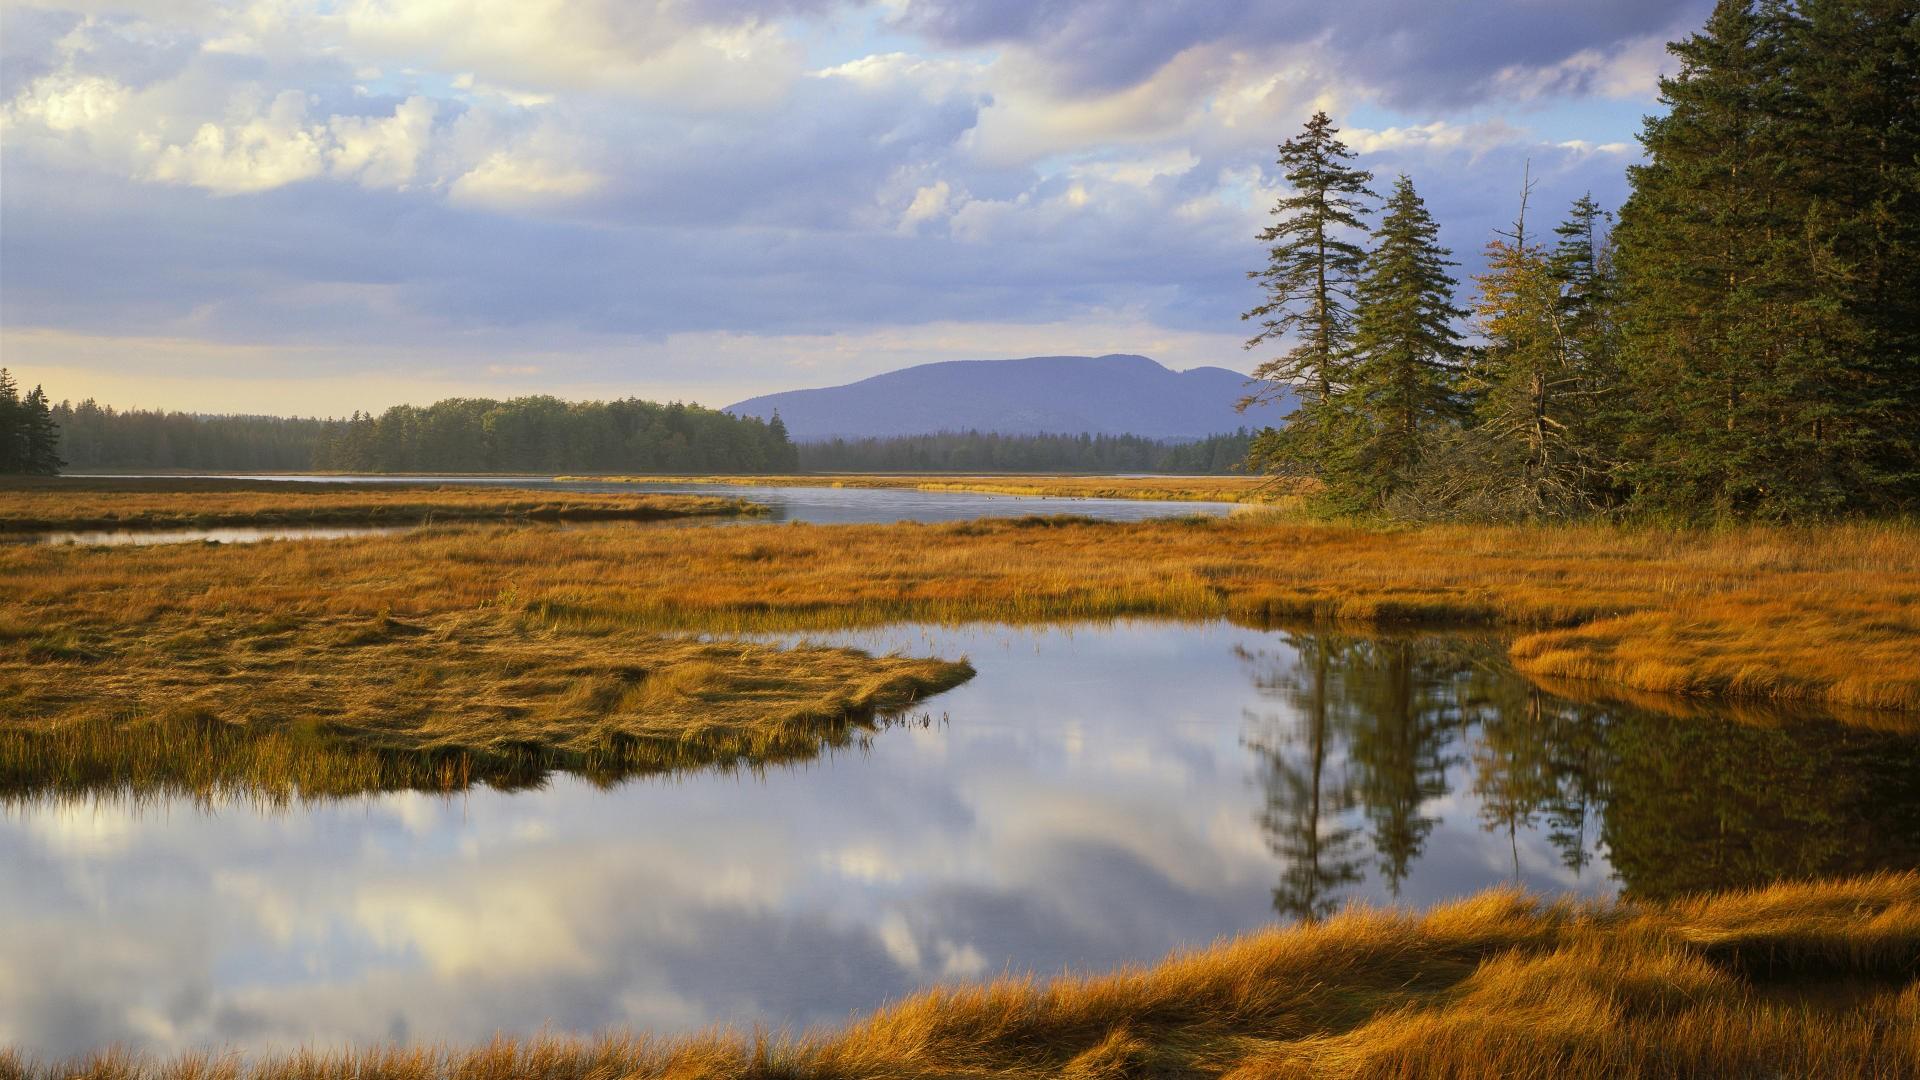 Maine Scenery Wallpaper